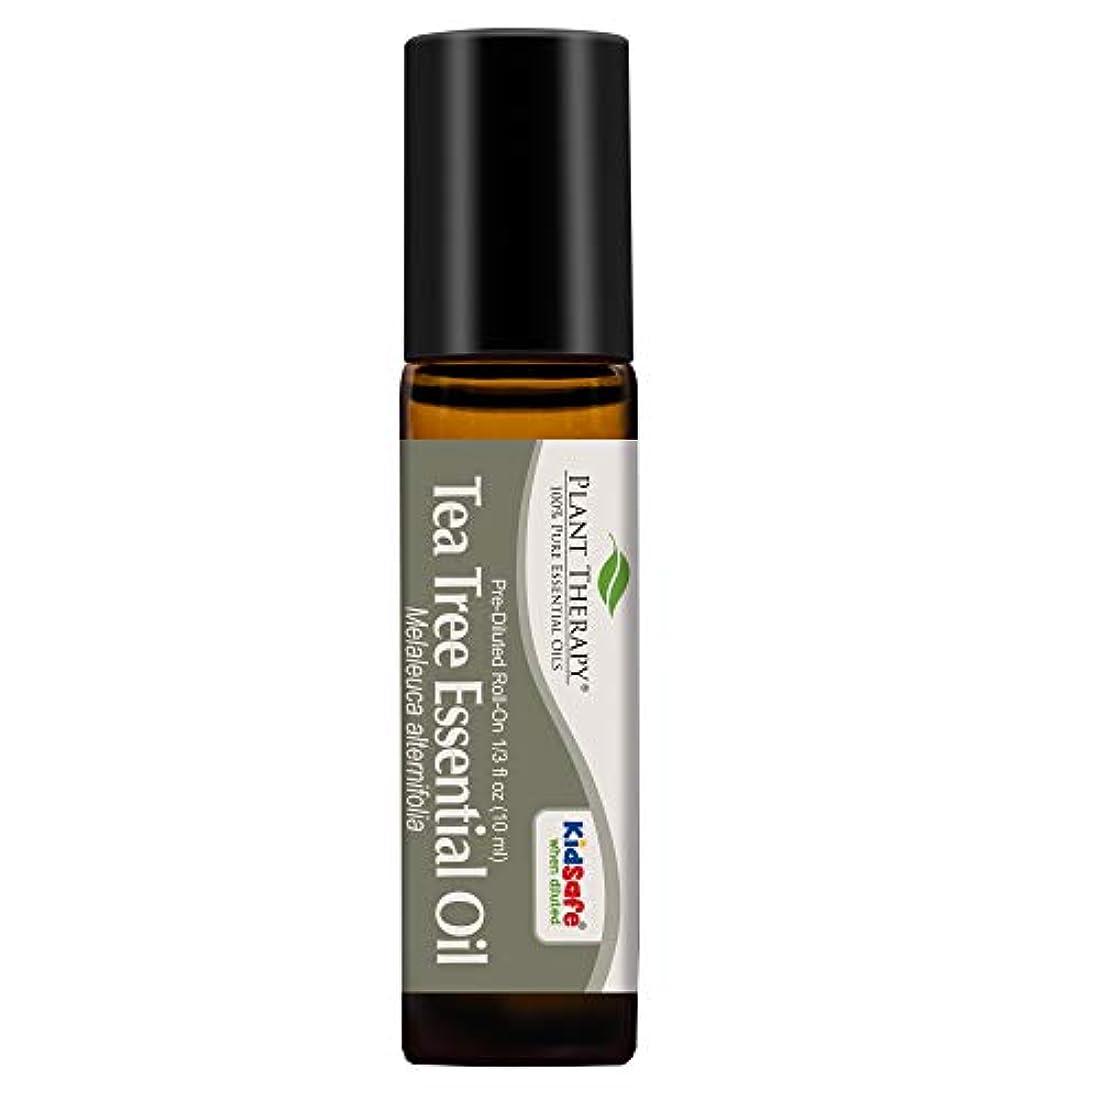 却下するだます厚さPlant Therapy Tea Tree Pre-Diluted Roll-On 10 ml (1/3 fl oz) 100% Pure, Therapeutic Grade